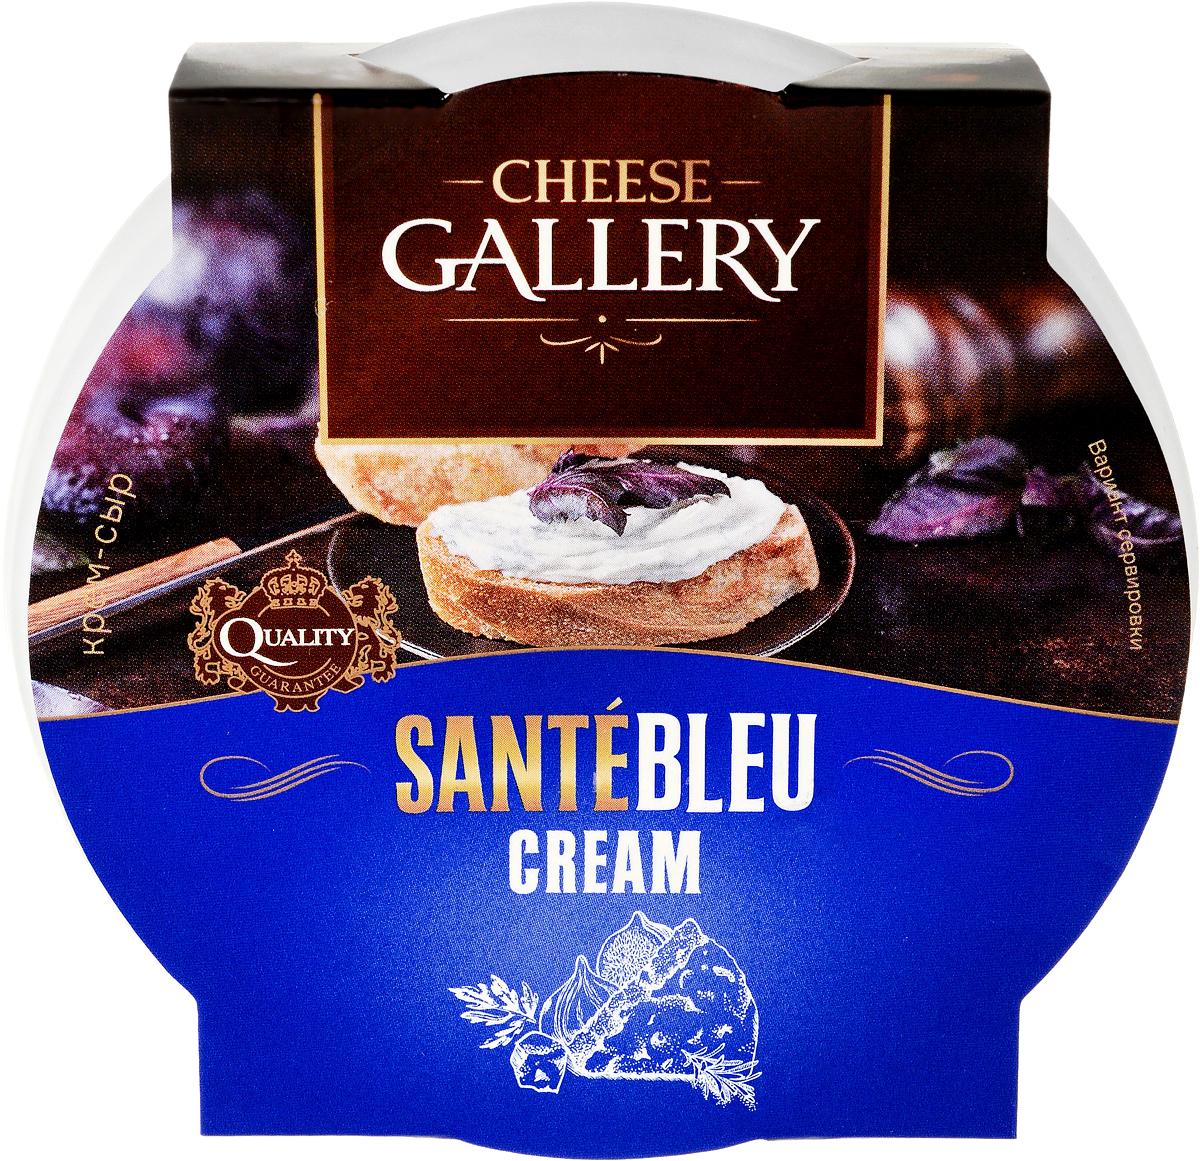 Cheese Gallery Sante Blue Крем-сыр, 150 г cheese gallery сыр bluefort 56